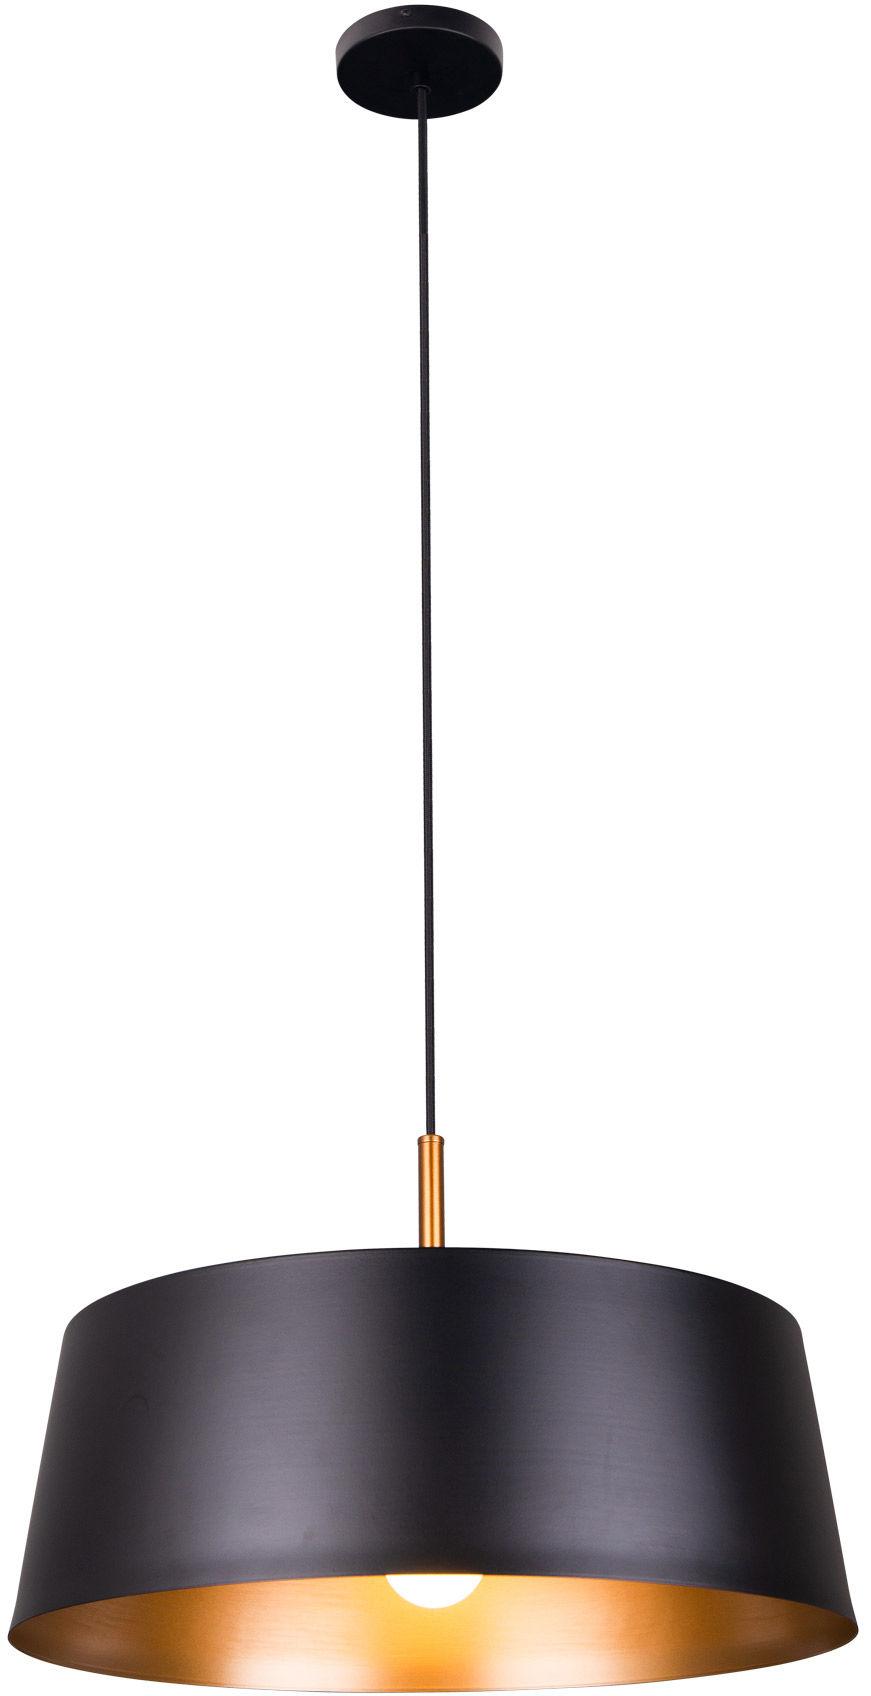 Lampa wisząca TALLIN P0401 Maxlight czarno-złota oprawa w stylu nowoczesnym